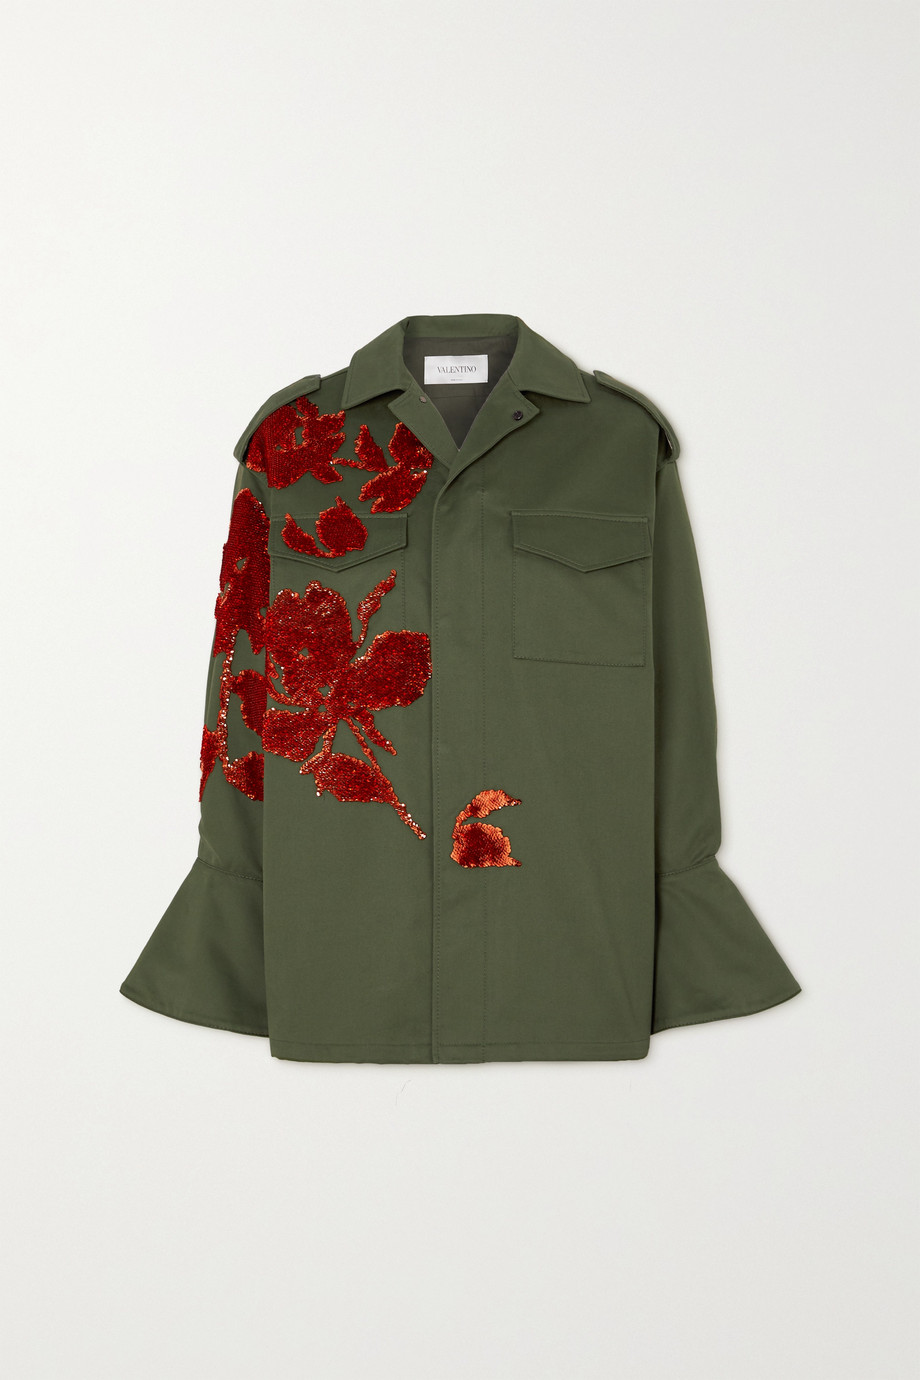 Valentino Sequin-embellished appliquéd cotton-gabardine jacket